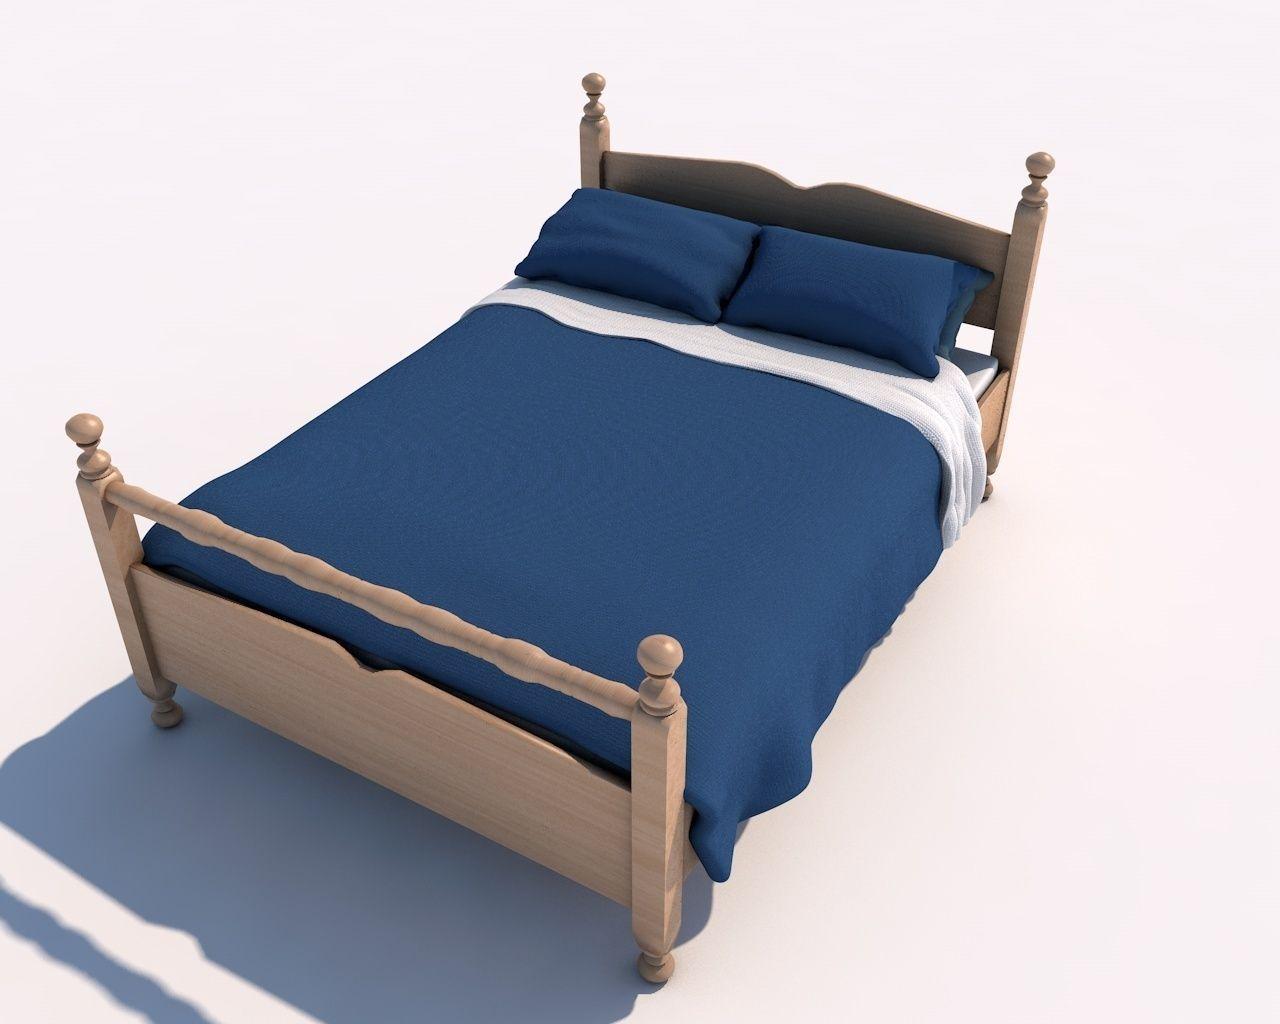 simple bed 3d model obj fbx c4d dae mtl 1. Simple Bed blankets 3D model   CGTrader